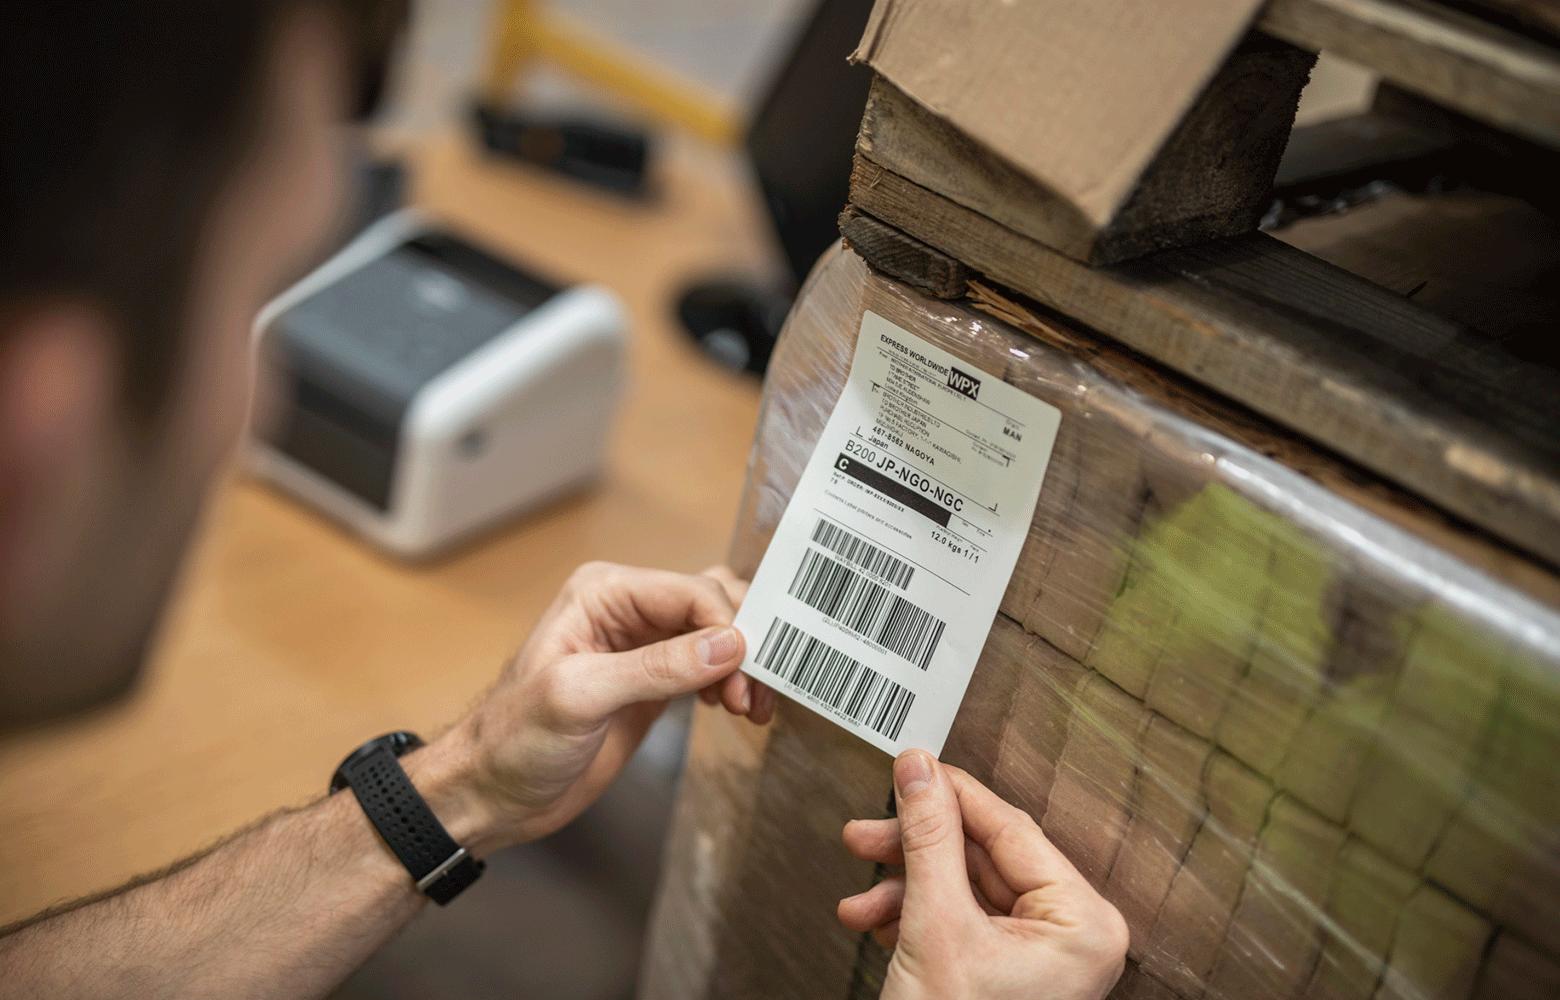 Muškarac označava kutije naljepnicom za dostavu